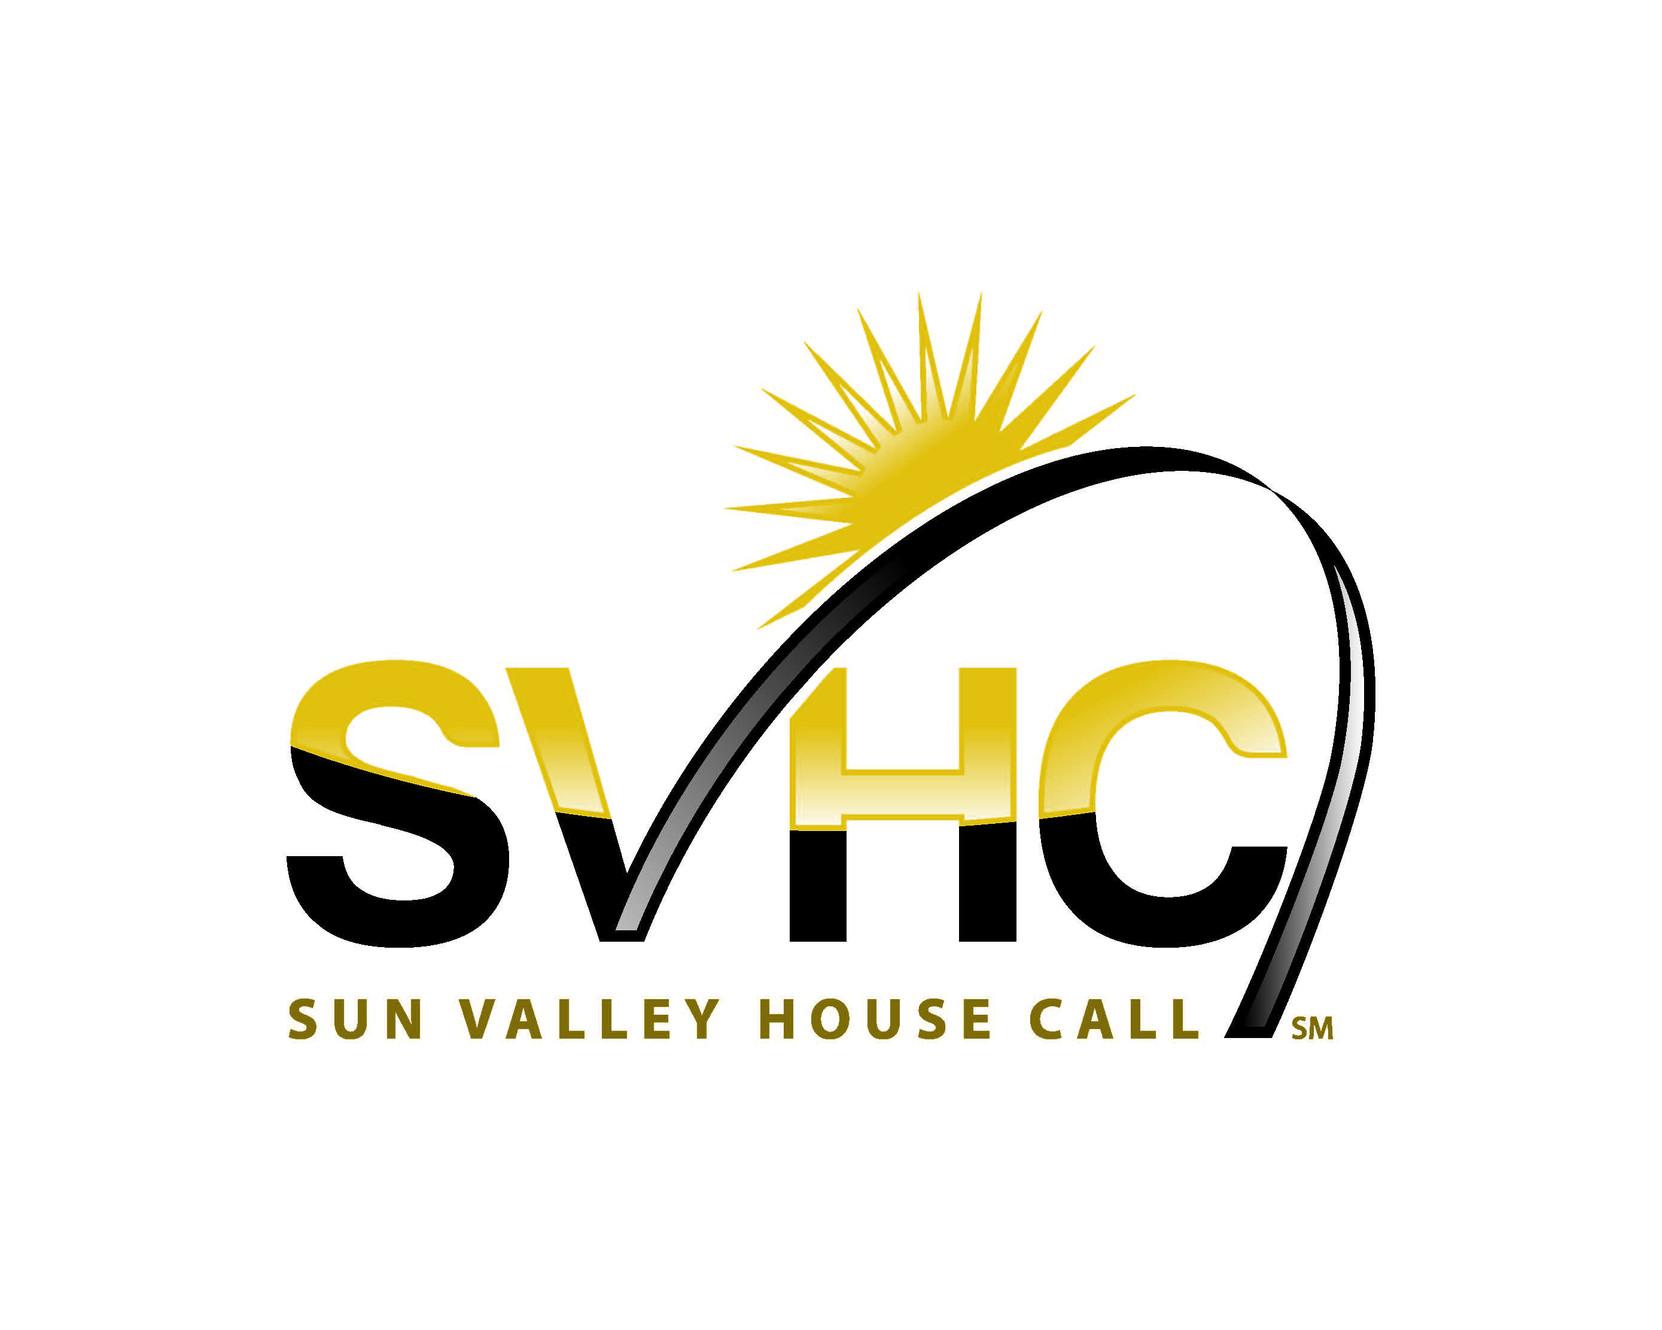 Sun Valley House Call - House Call Provider - Phoenix, AZ